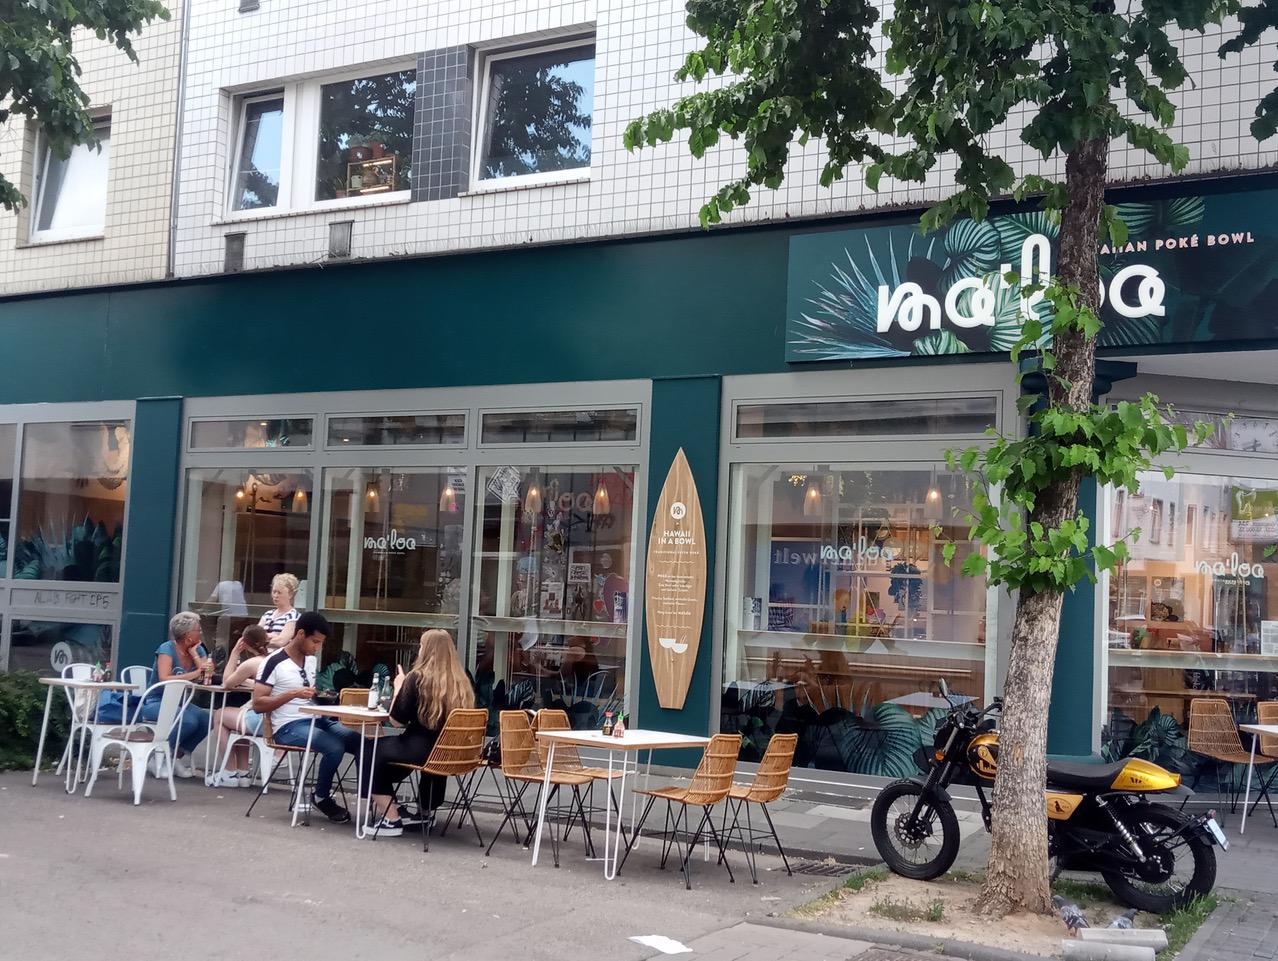 TALK ABOUT THIS WORLD ドイツ編 路面を占拠するテーブルと新しい生活